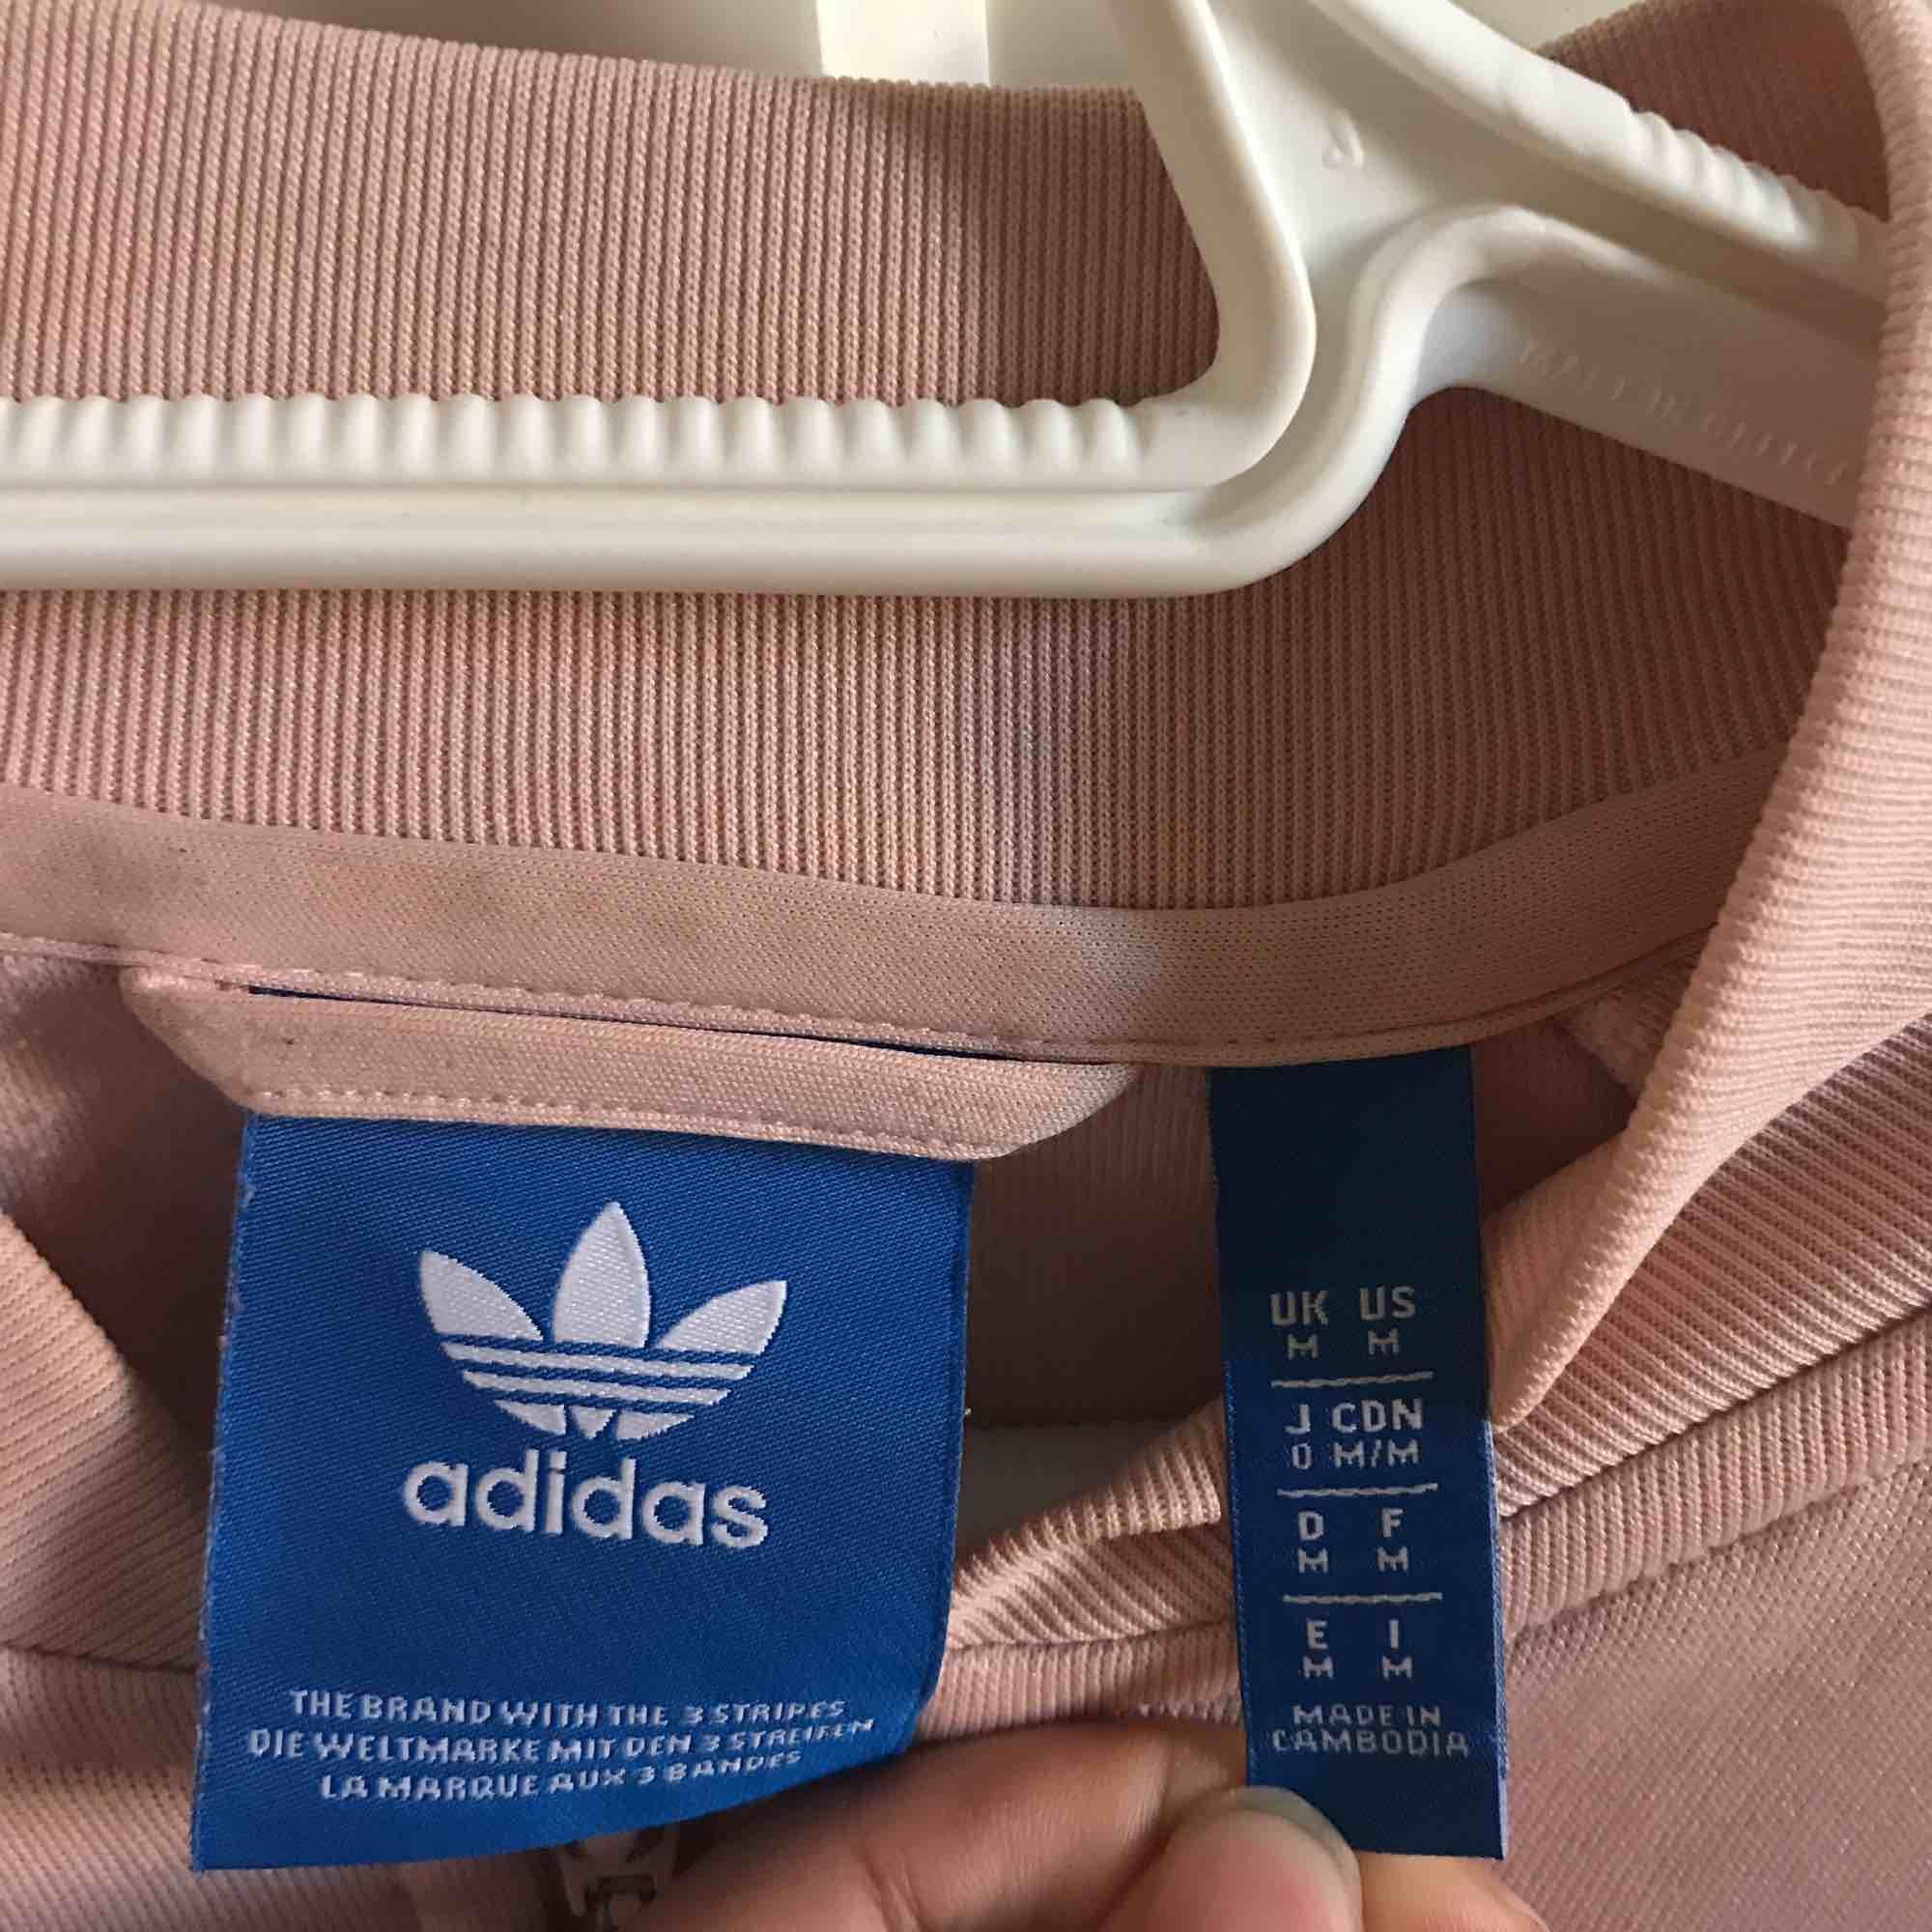 Storlek M (Male size) Adidas tracksuit överdel. Säljs pga för stor + sällan användning. Har små fläckar som inte märks av.  Skriv DM för info om betalning osv. . Huvtröjor & Träningströjor.